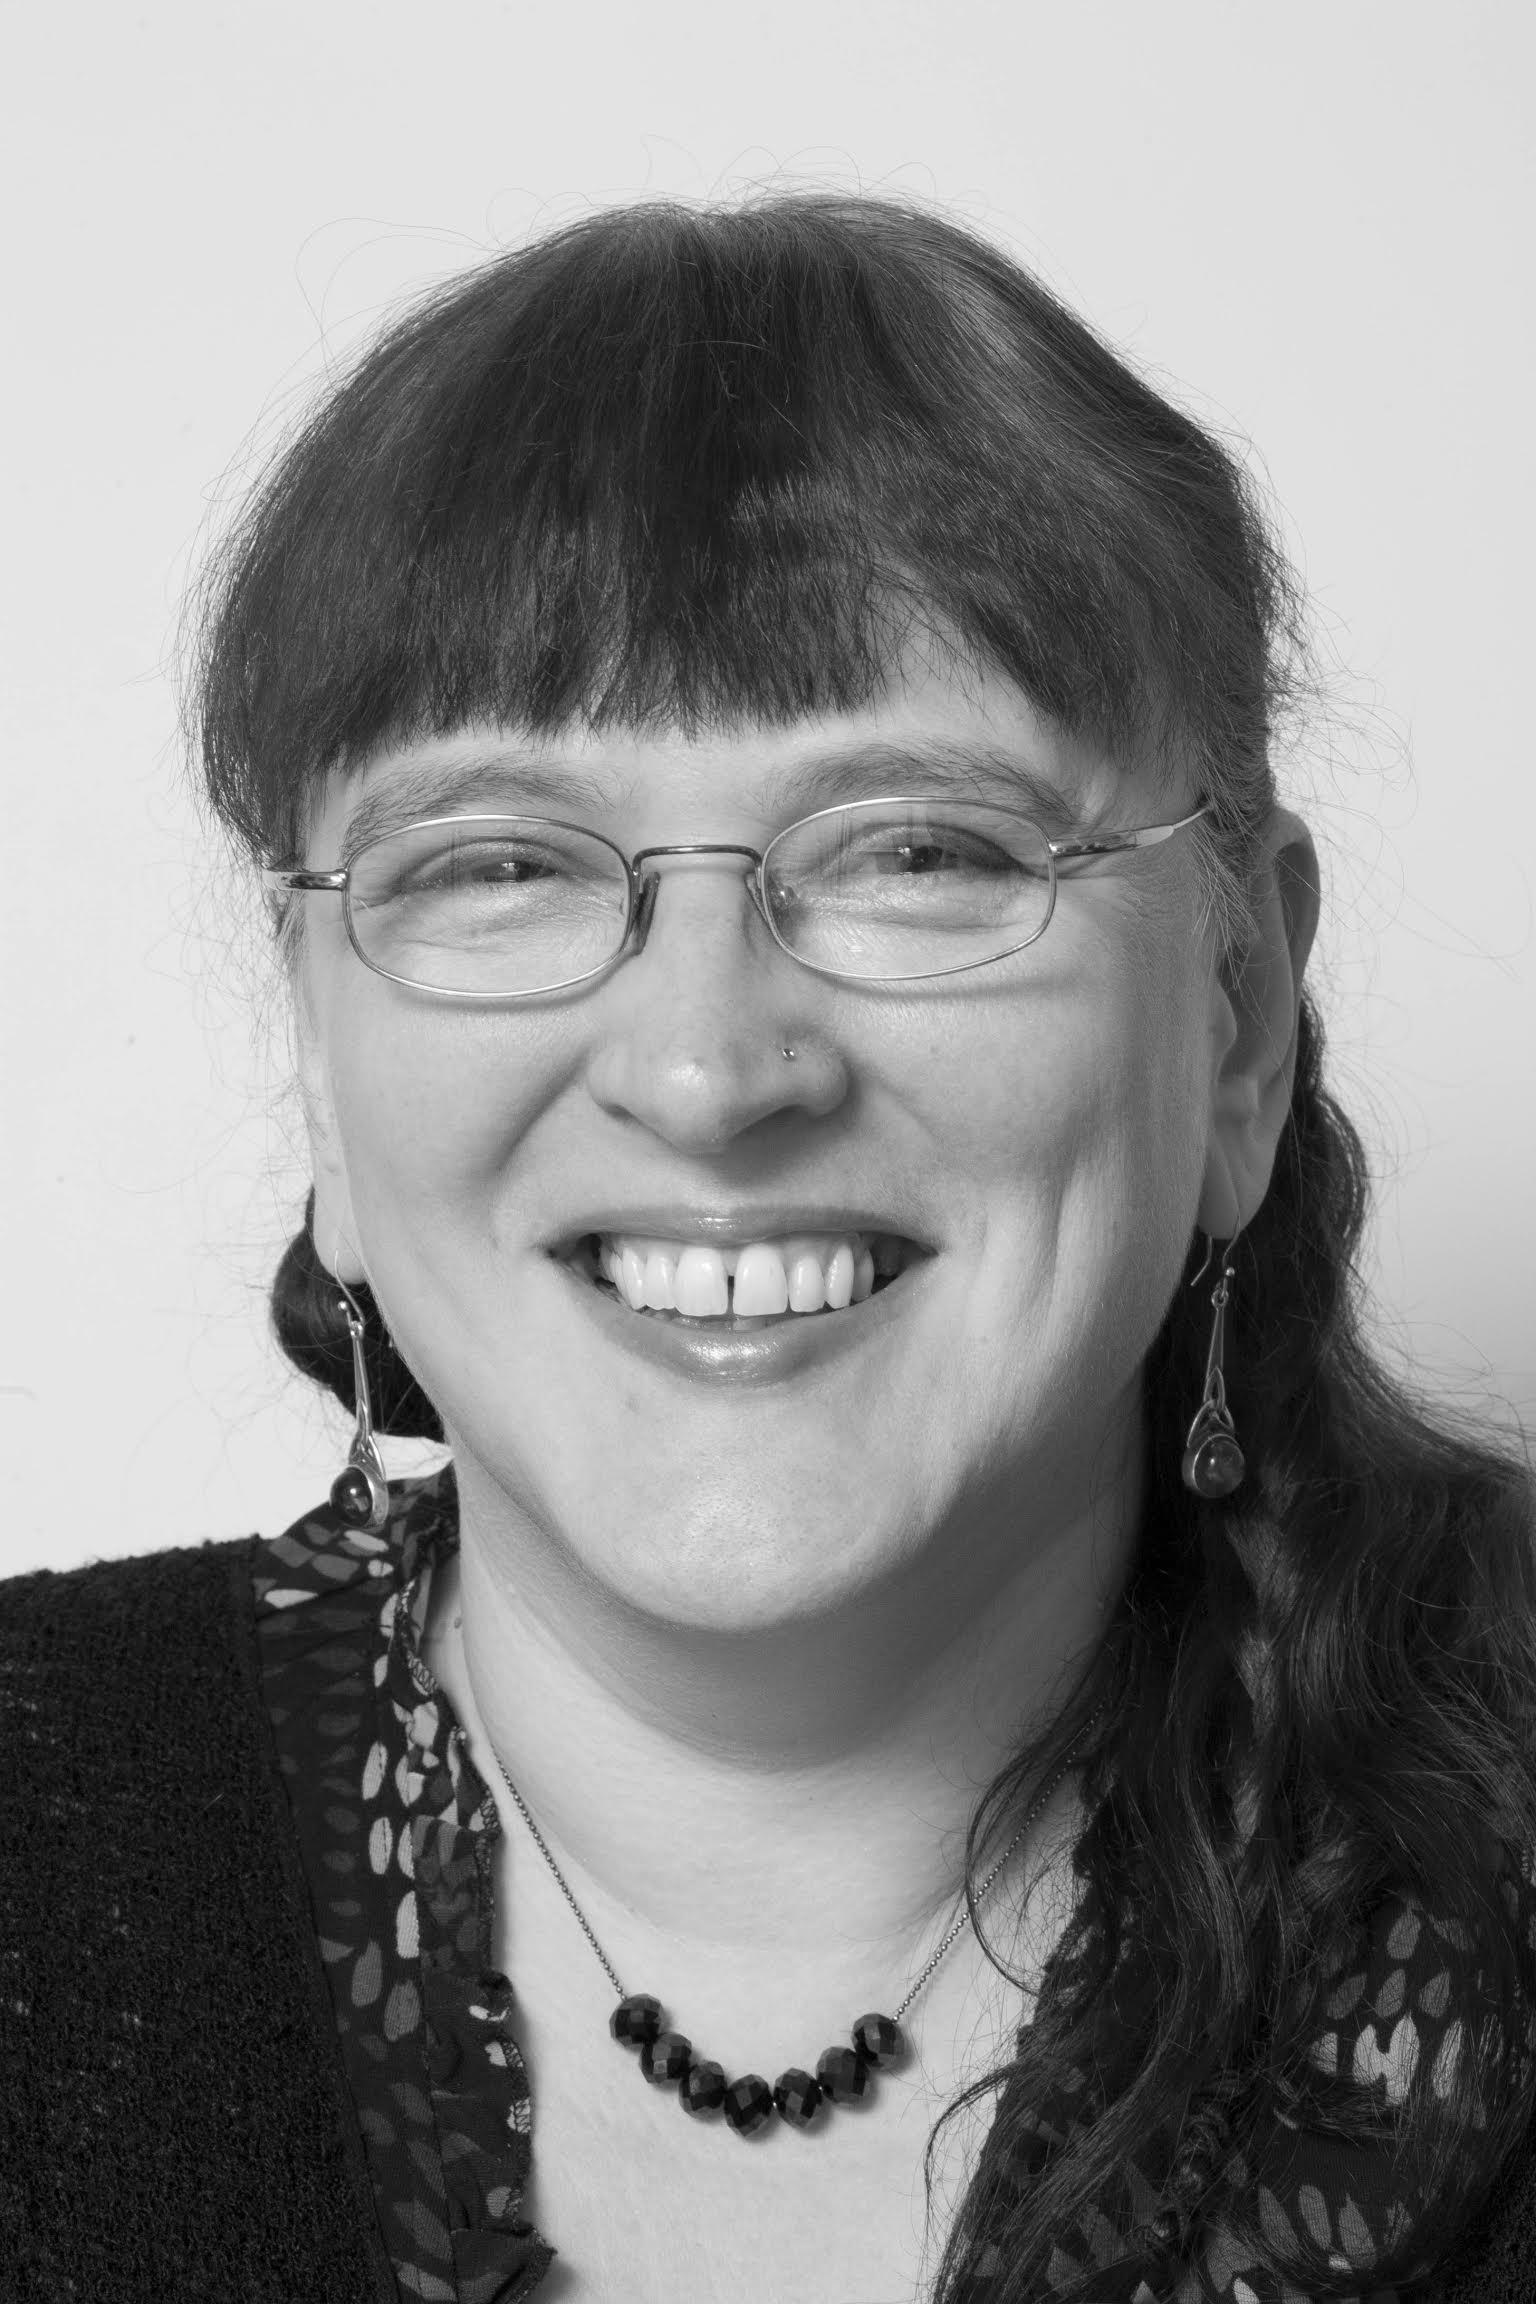 julia author